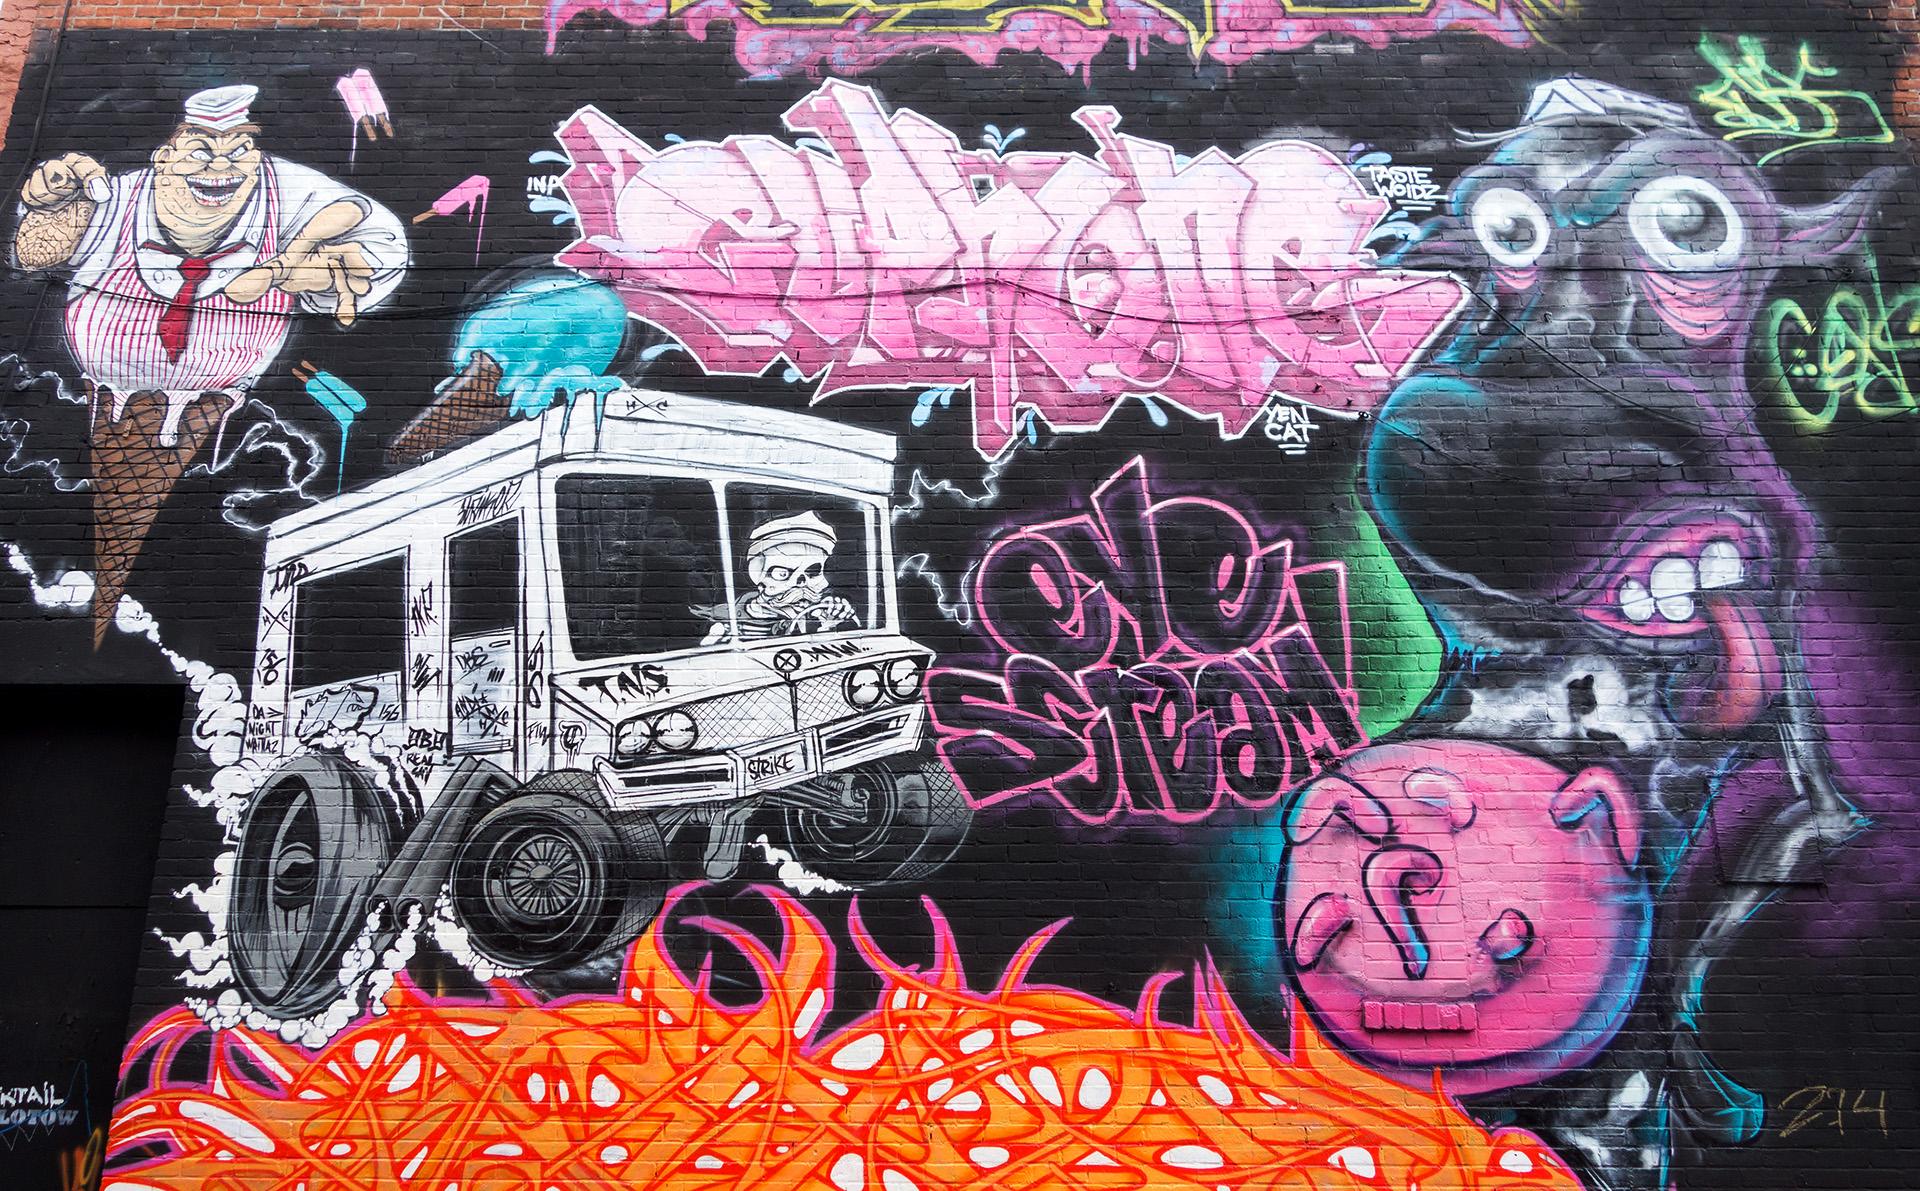 Ice Cream - Mural